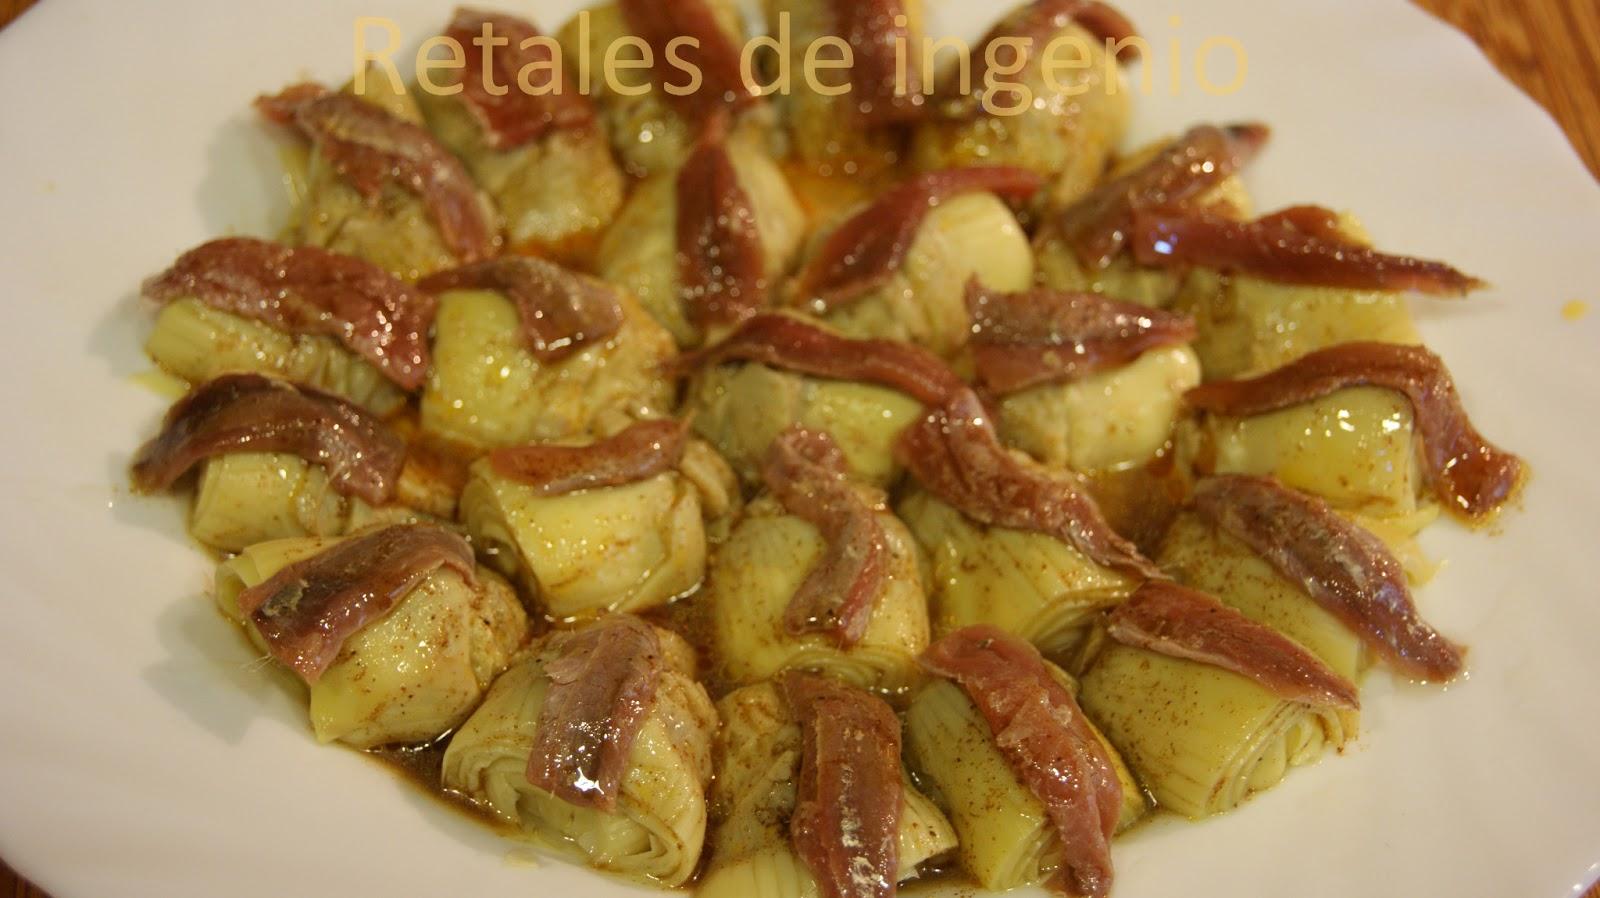 Retales de ingenio recetas y diet tica alcachofas con - Cocinar con conservas ...